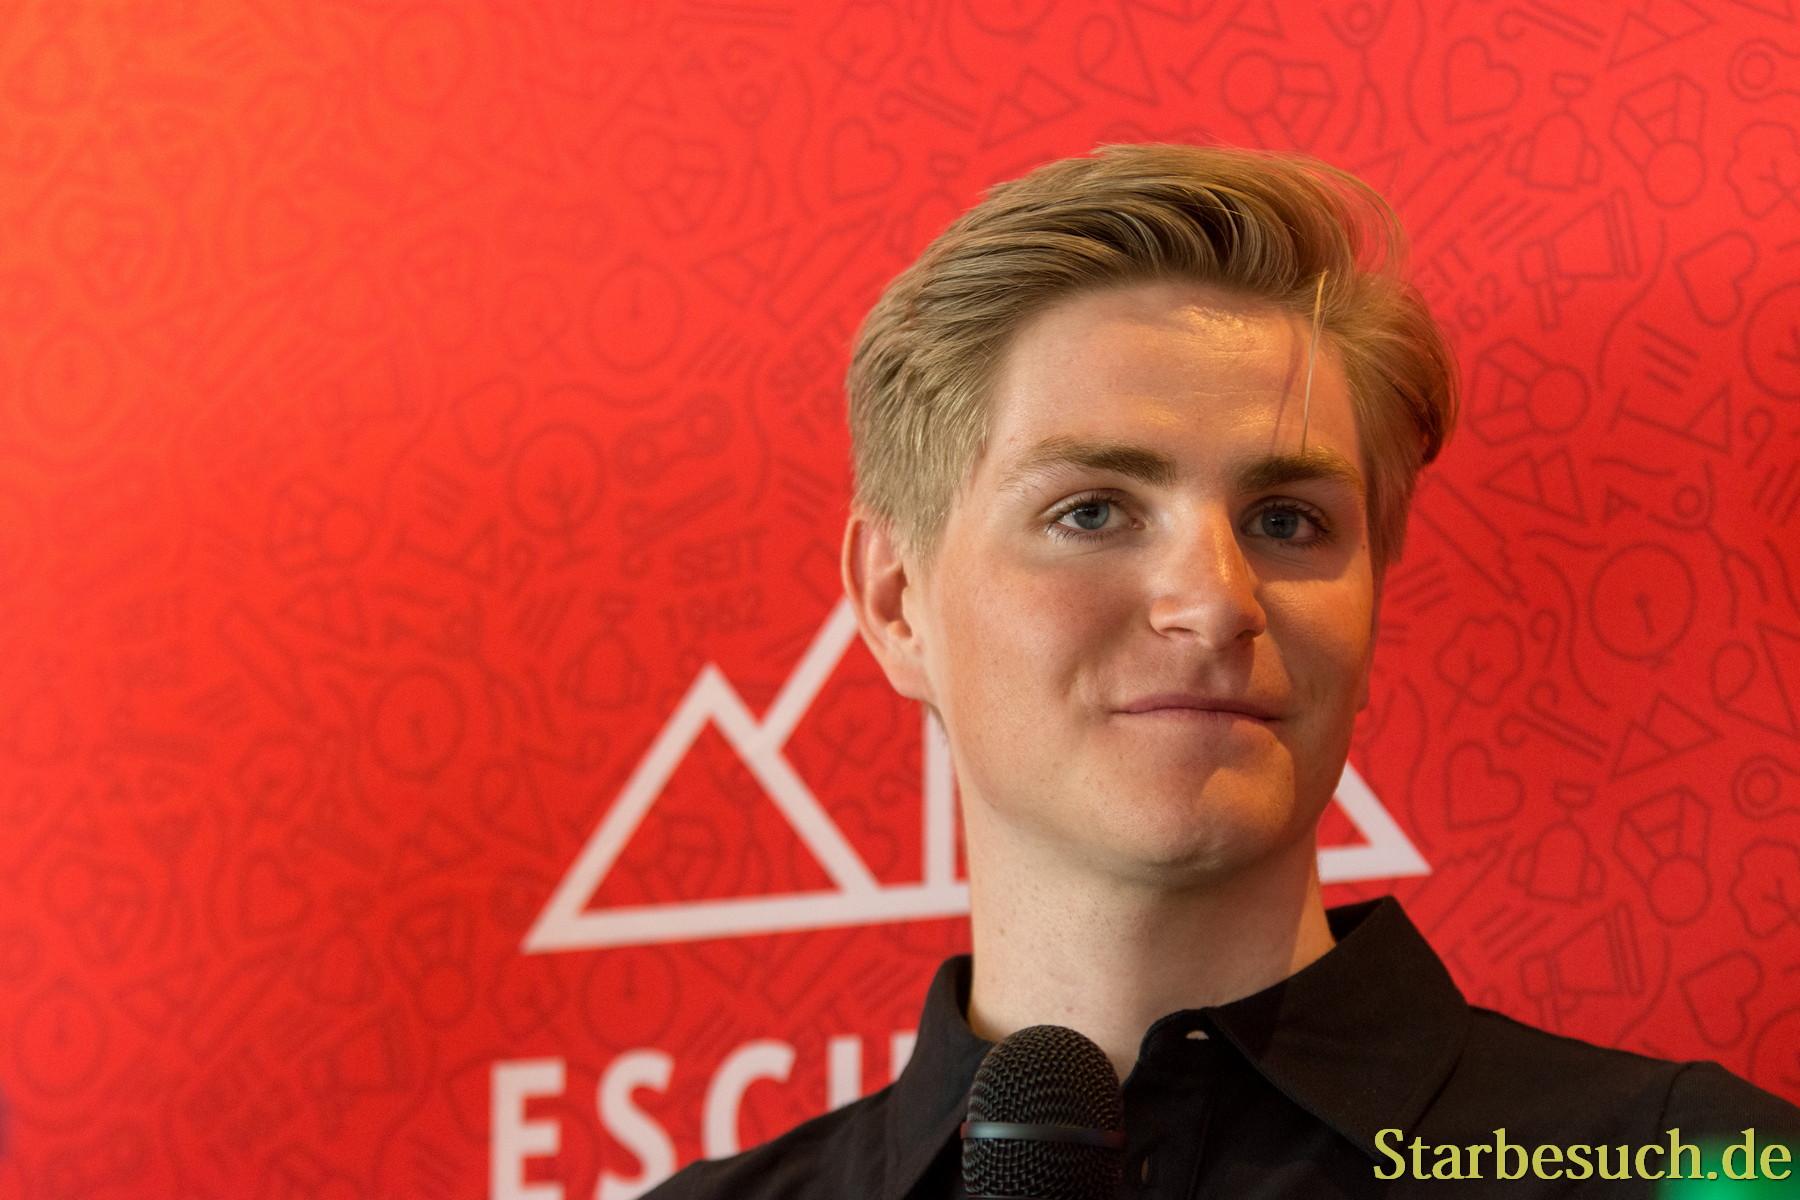 Patrick Haller, Deutscher U23-Meister im Zeitfahren